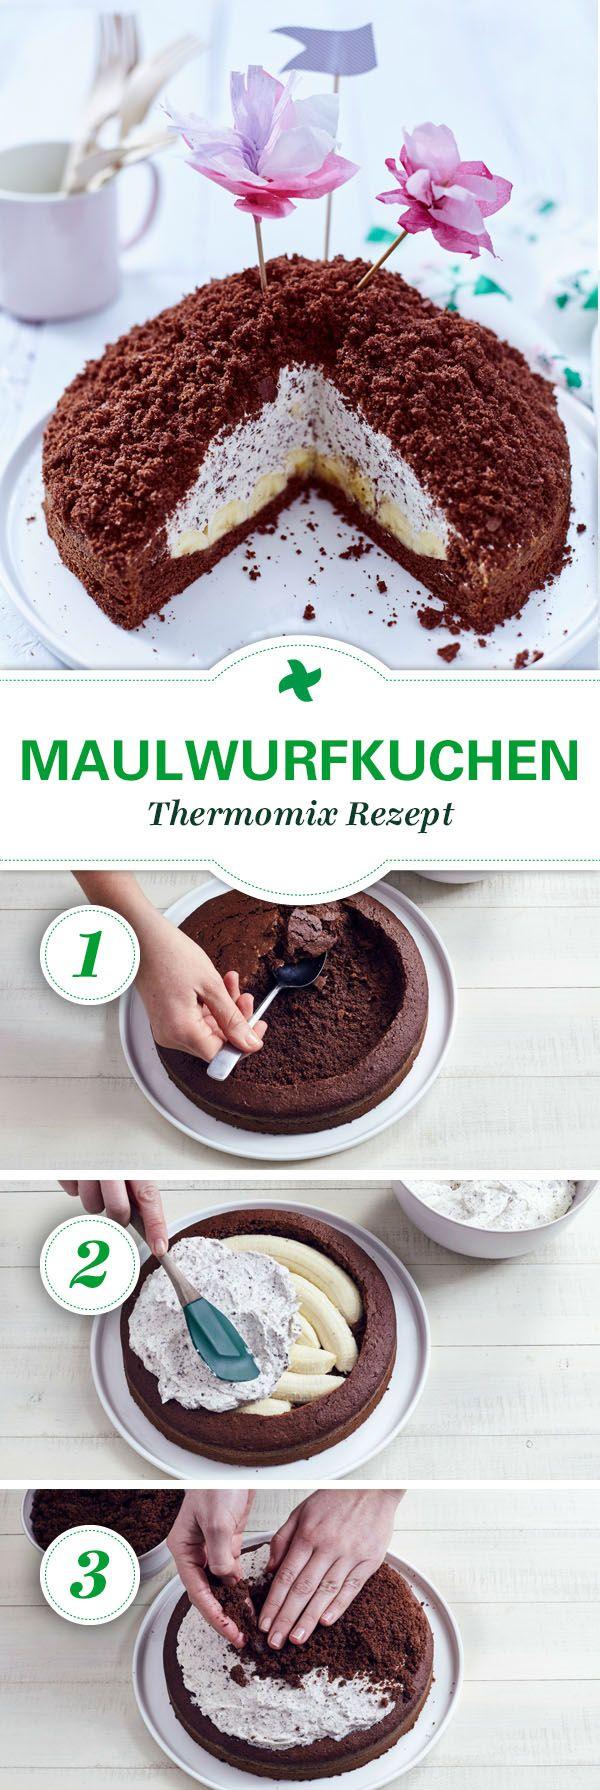 Maulwurfkuchen schmeckt nicht nur zur Kinderparty! Ein einfaches Rezept um Selbermachen mit Thermomix ®. #veganermaulwurfkuchen